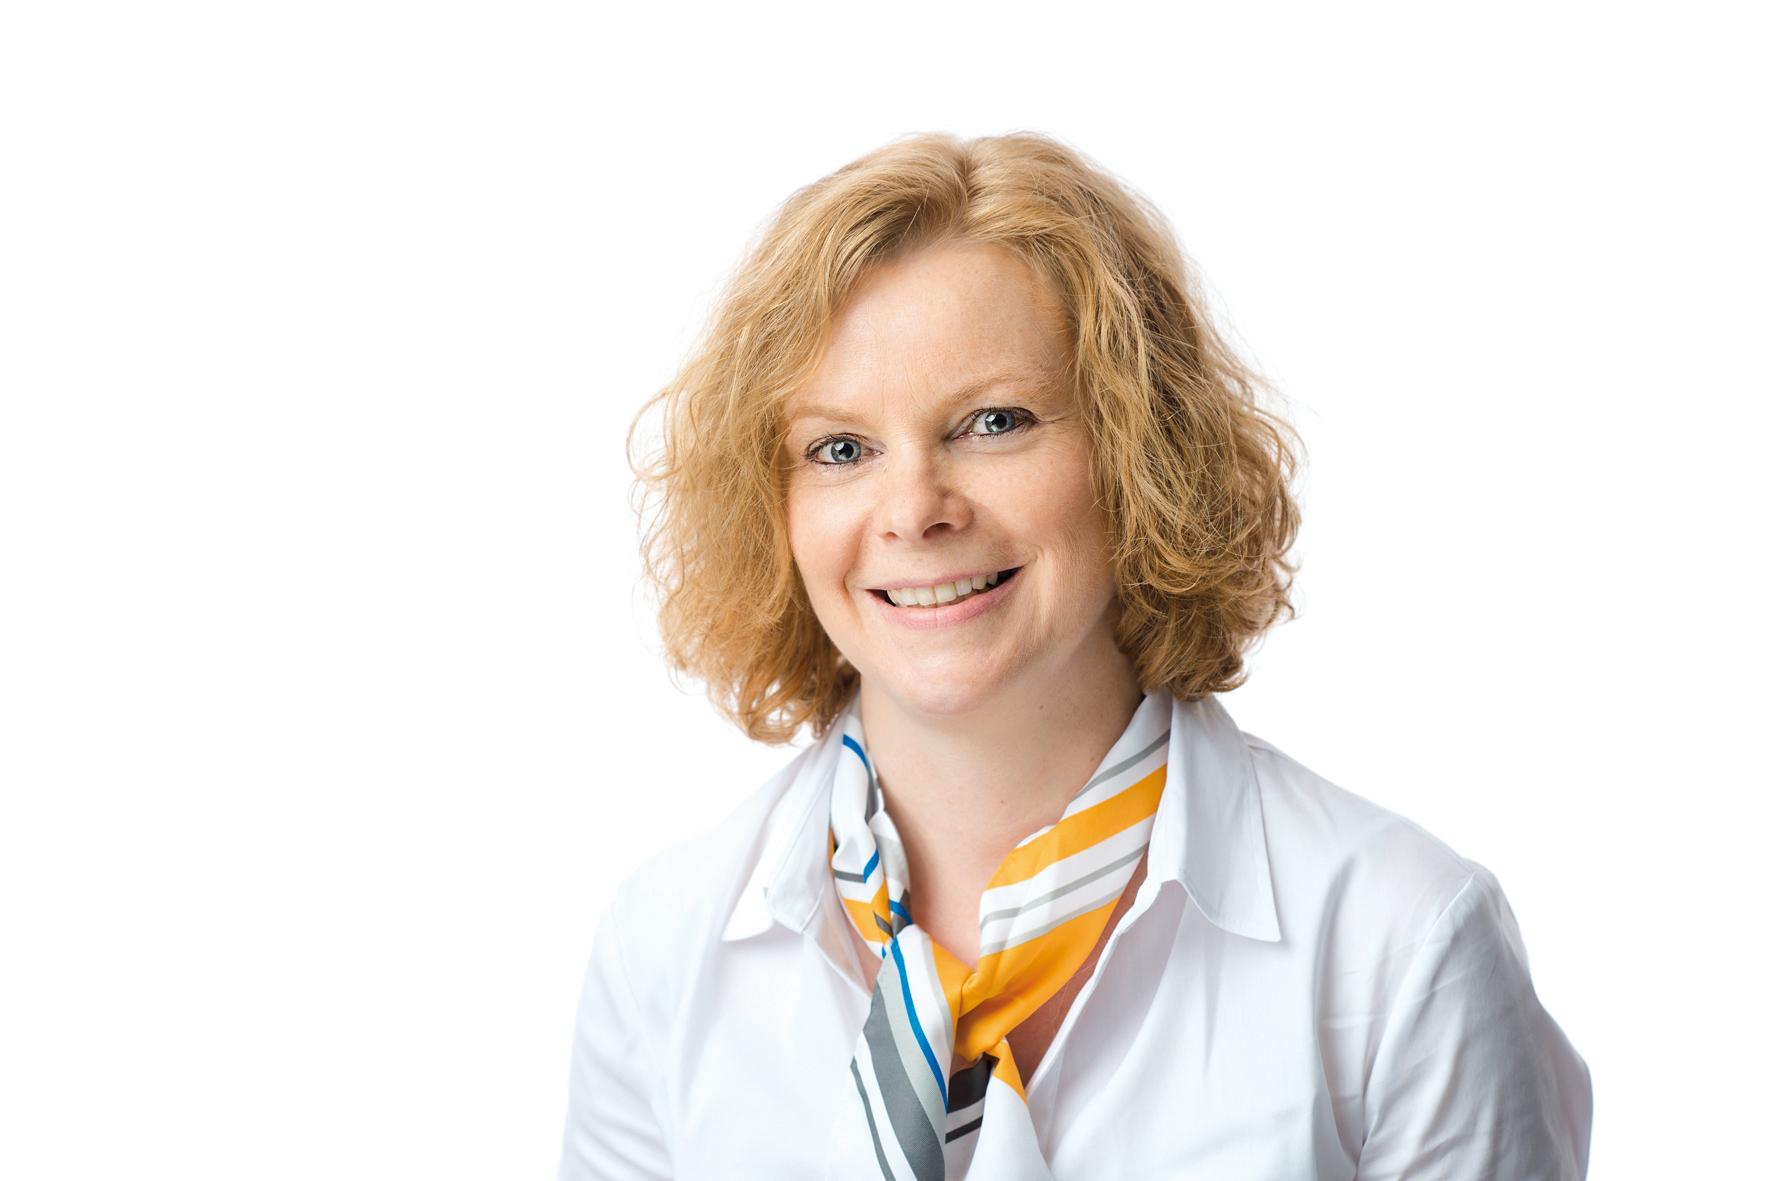 Manuela Hähner